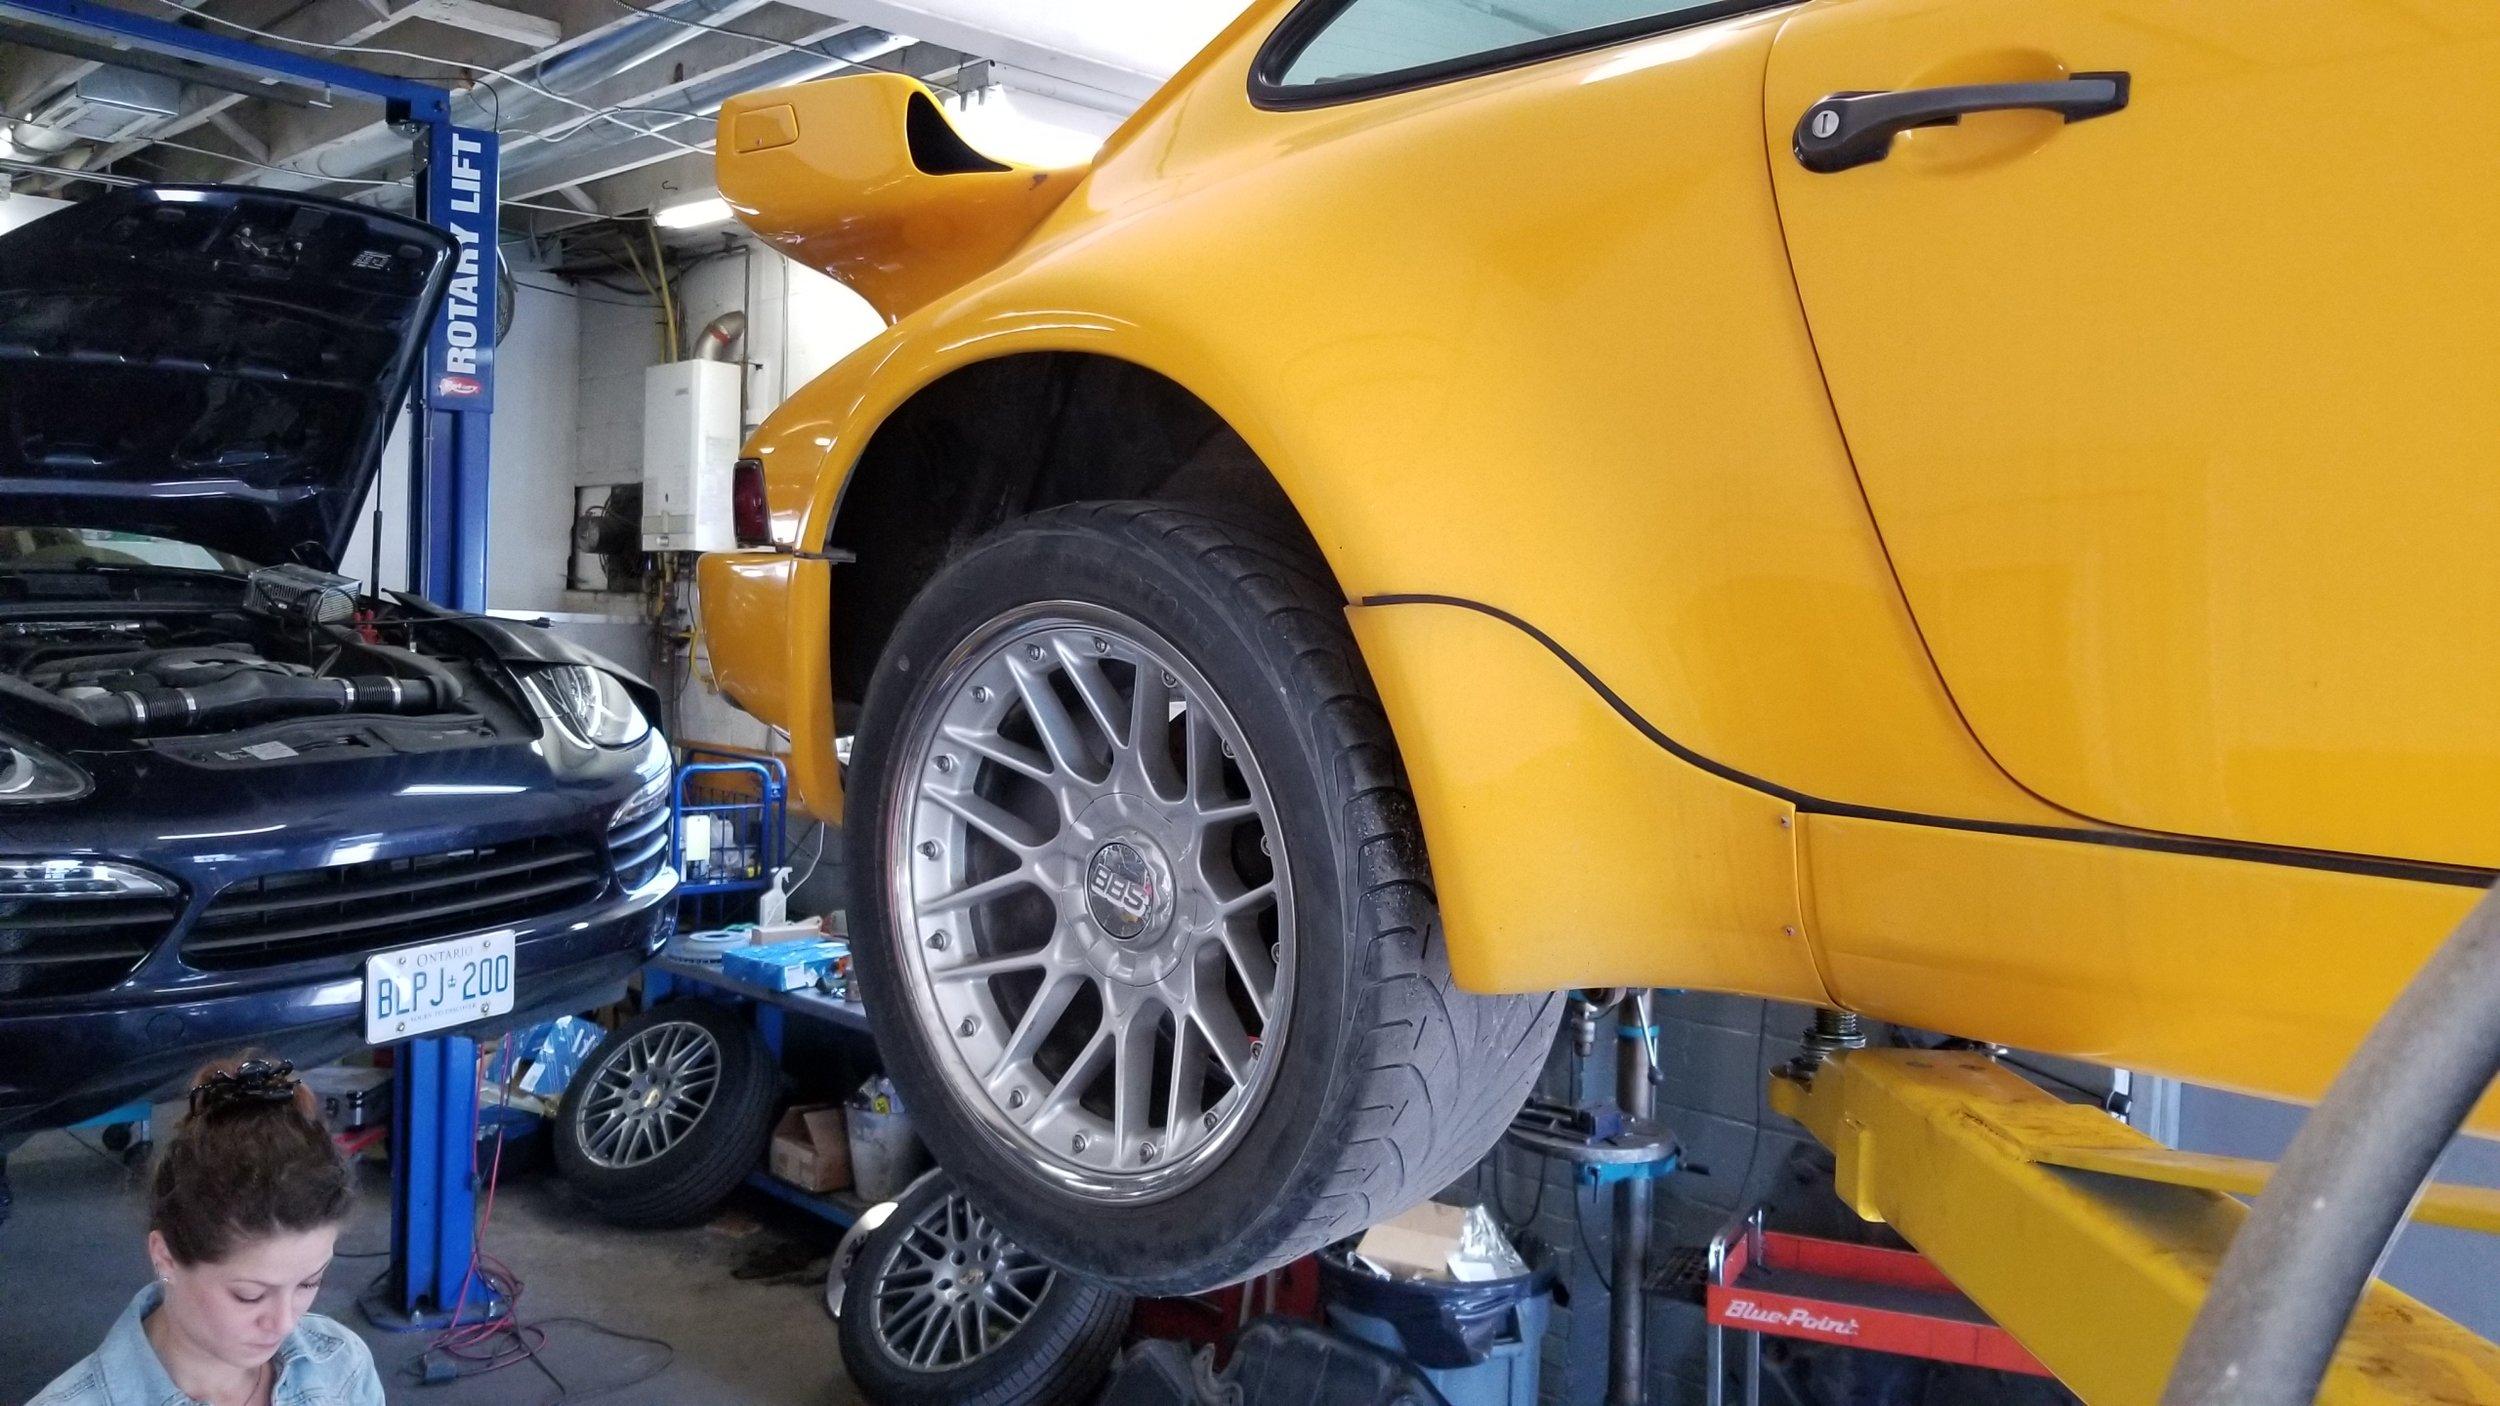 G TEK Auto 1984 Porsche Yellowbird  (13).jpg